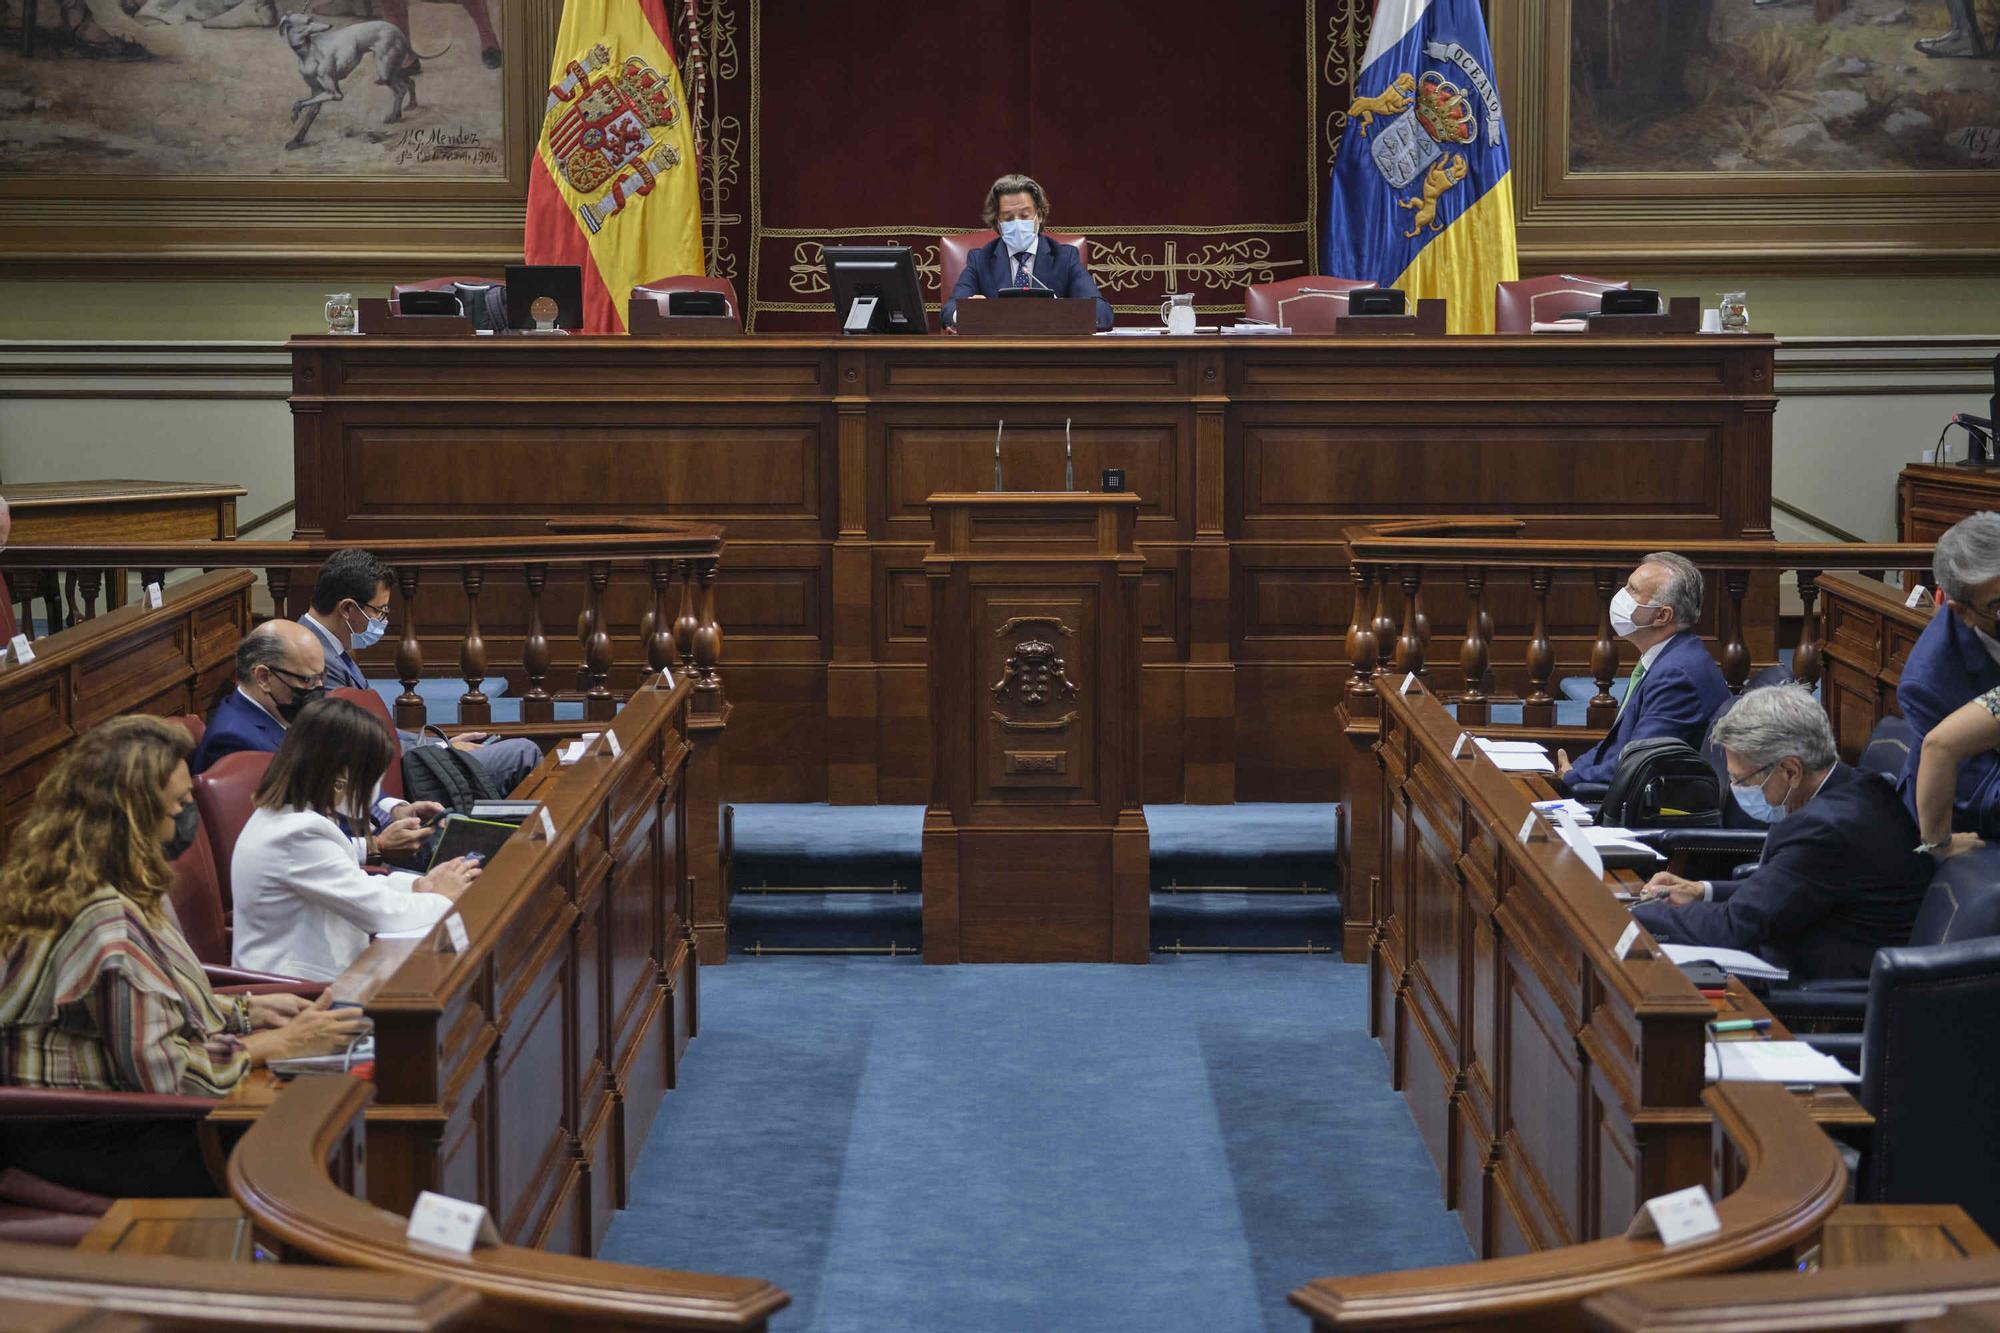 Sesión parlamentaria 28.09.2021